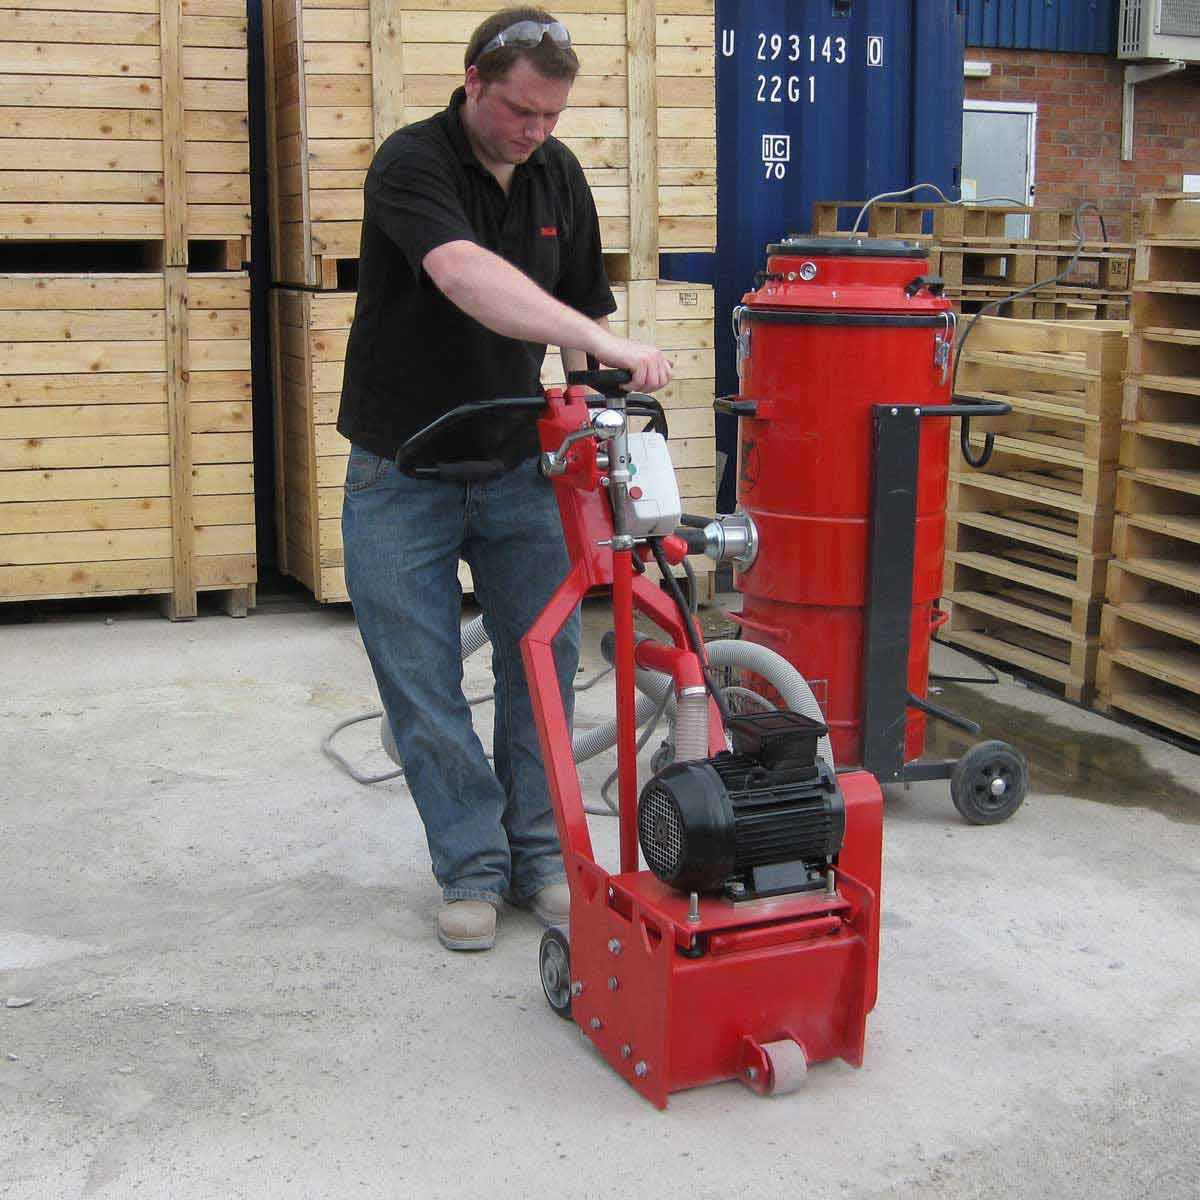 Trelawny TFP260 Gas Floor Scarifier 326.2000T